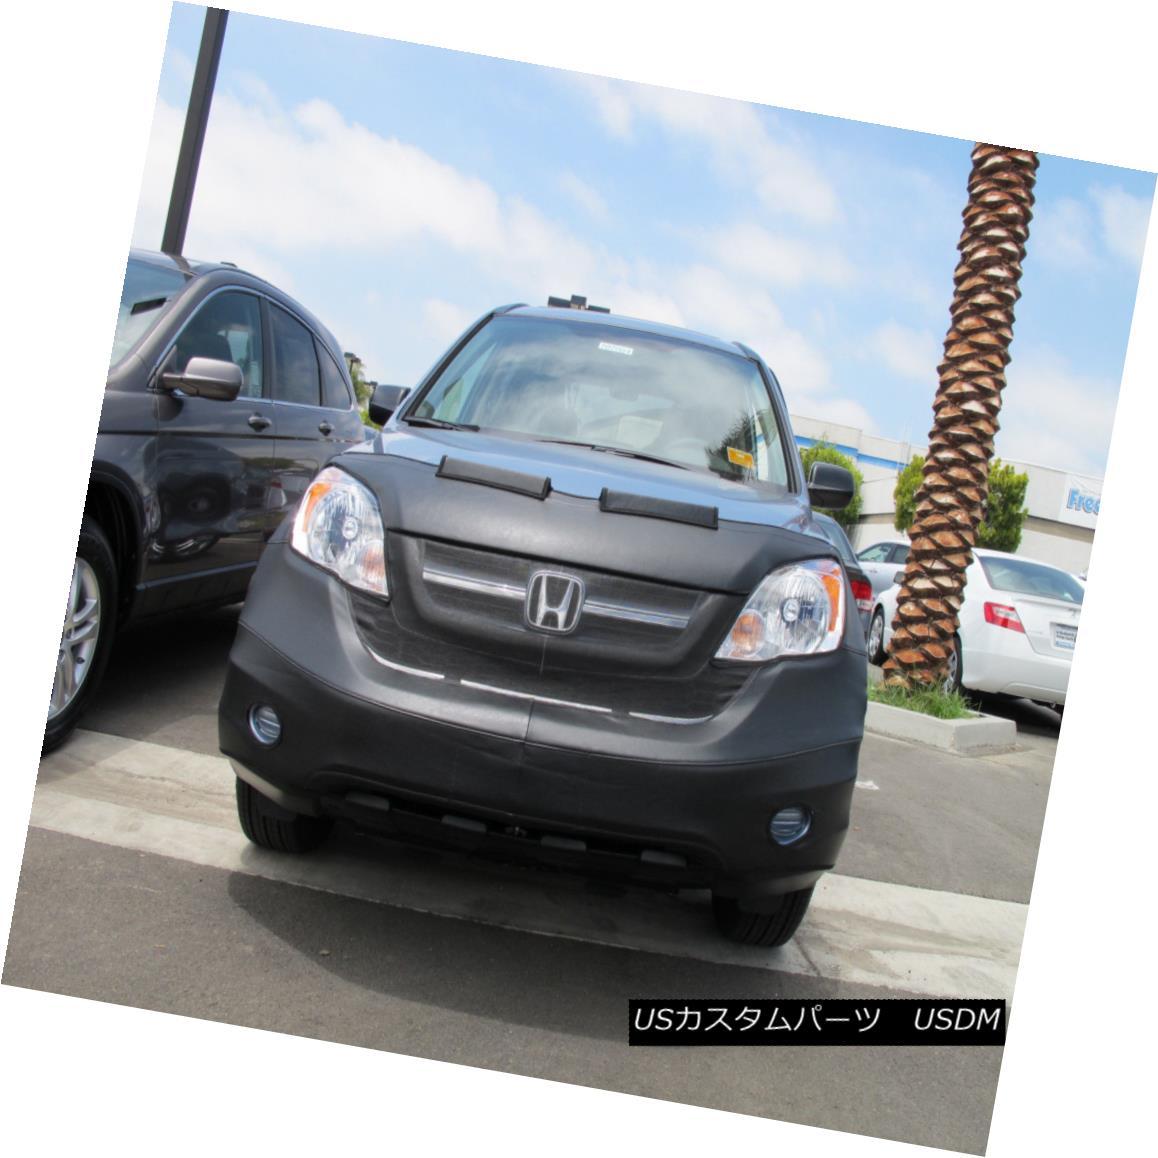 フルブラ ノーズブラ Colgan Front End Mask Bra 2pc. Fits Honda CRV LX,EX,EX-L & SE 2010-2011 W/Tag コルガンフロントエンドマスクブラ2pc ホンダCRV LX、EX、EX-L& SE 2010-2011 W /タグ